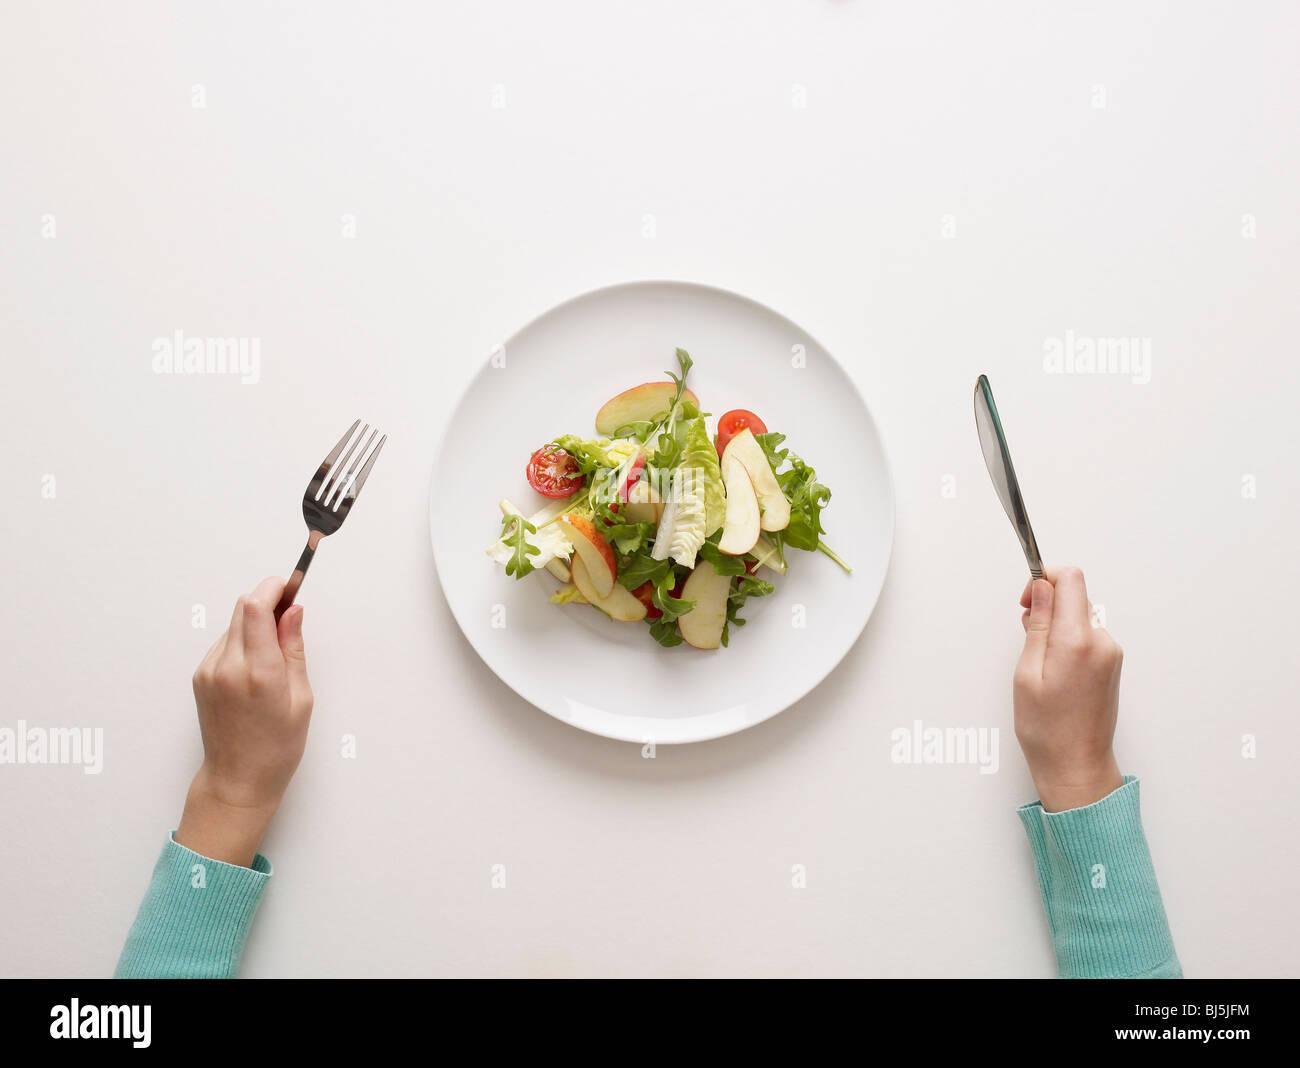 Le mani da un piatto di insalata Immagini Stock